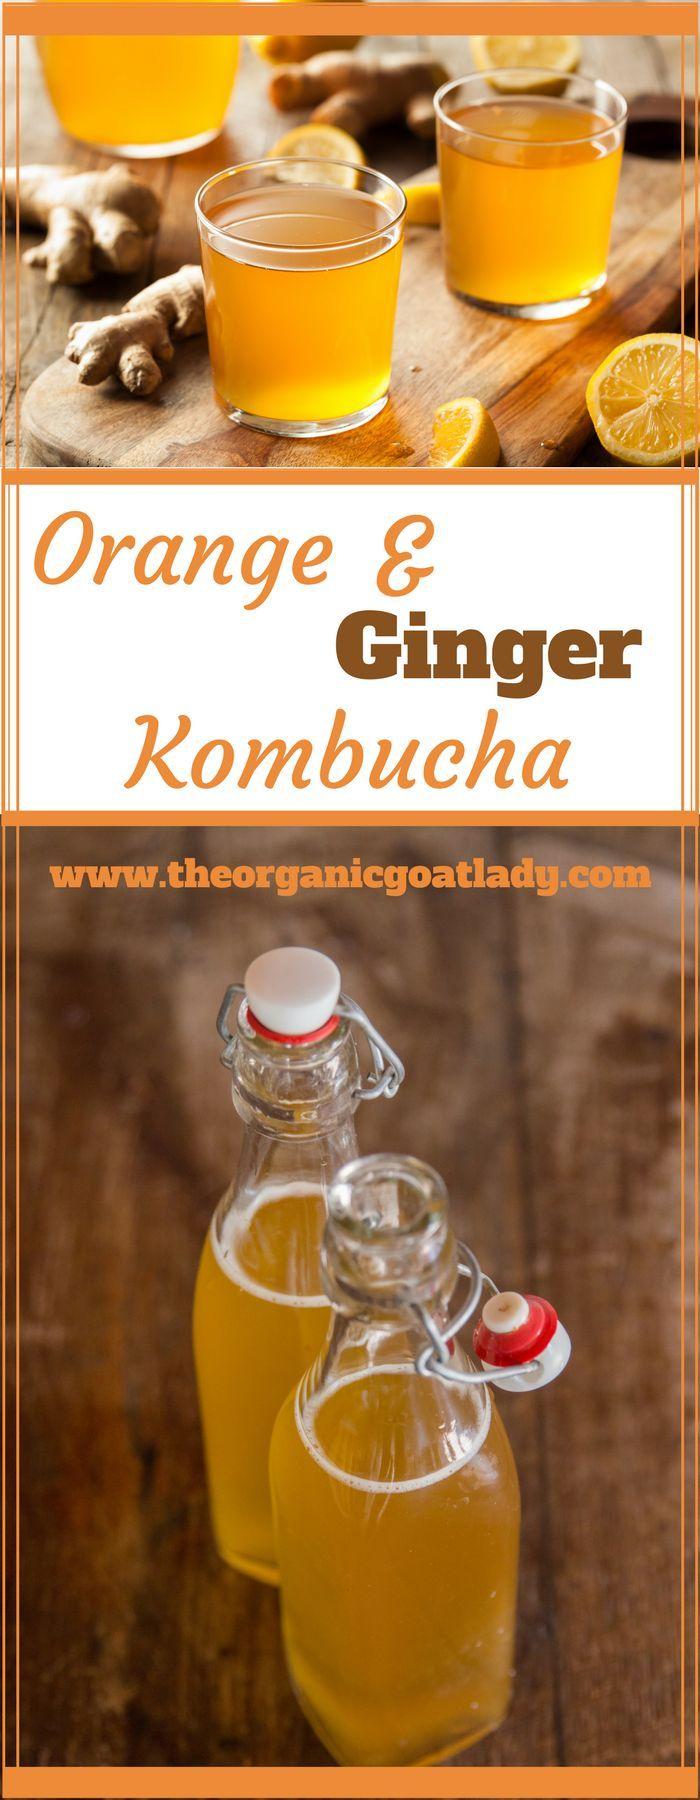 Orange and Ginger Kombucha